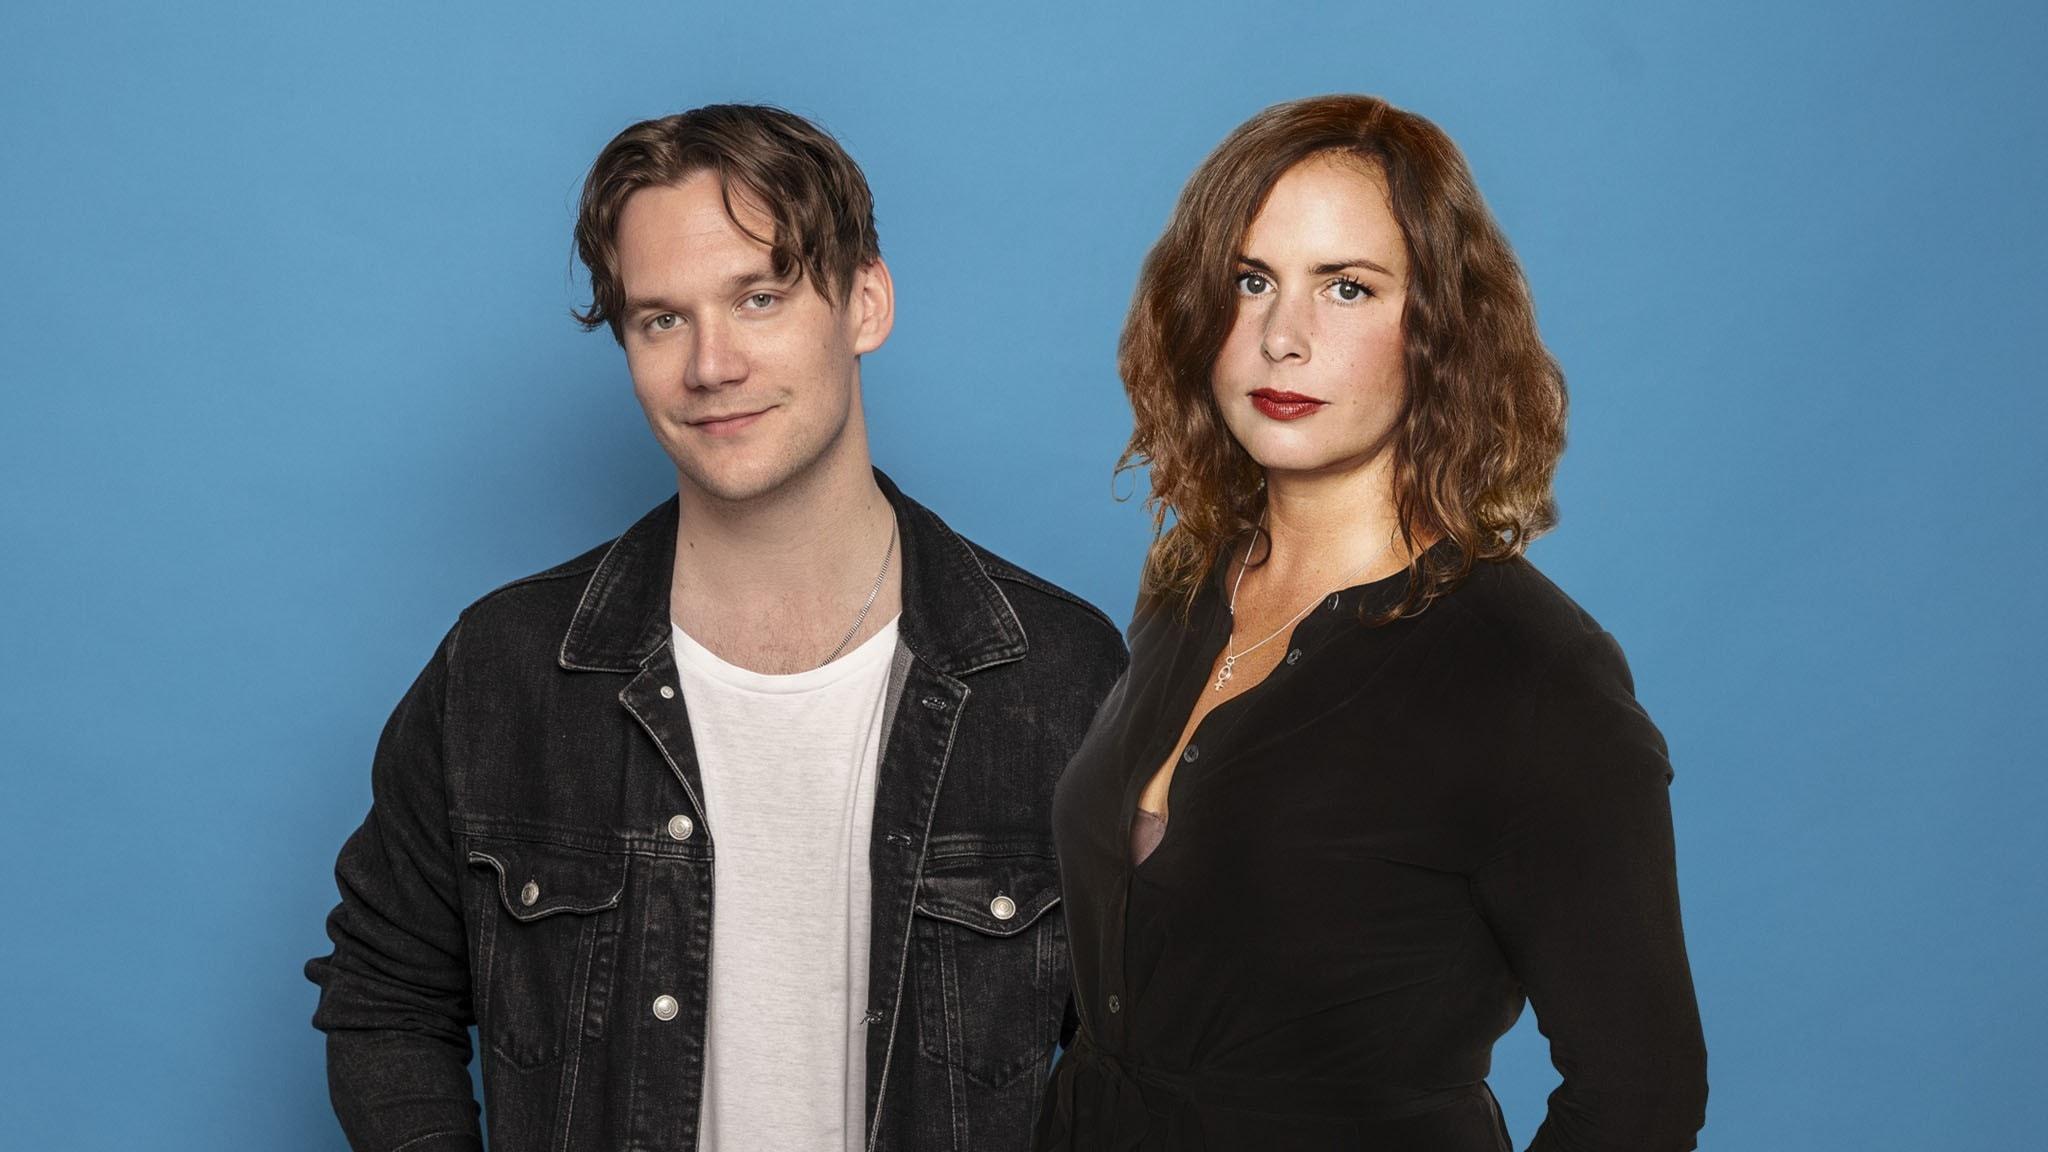 Bara 1% av svenska singeltjejer vill betala på första dejten | Klarna Sverige